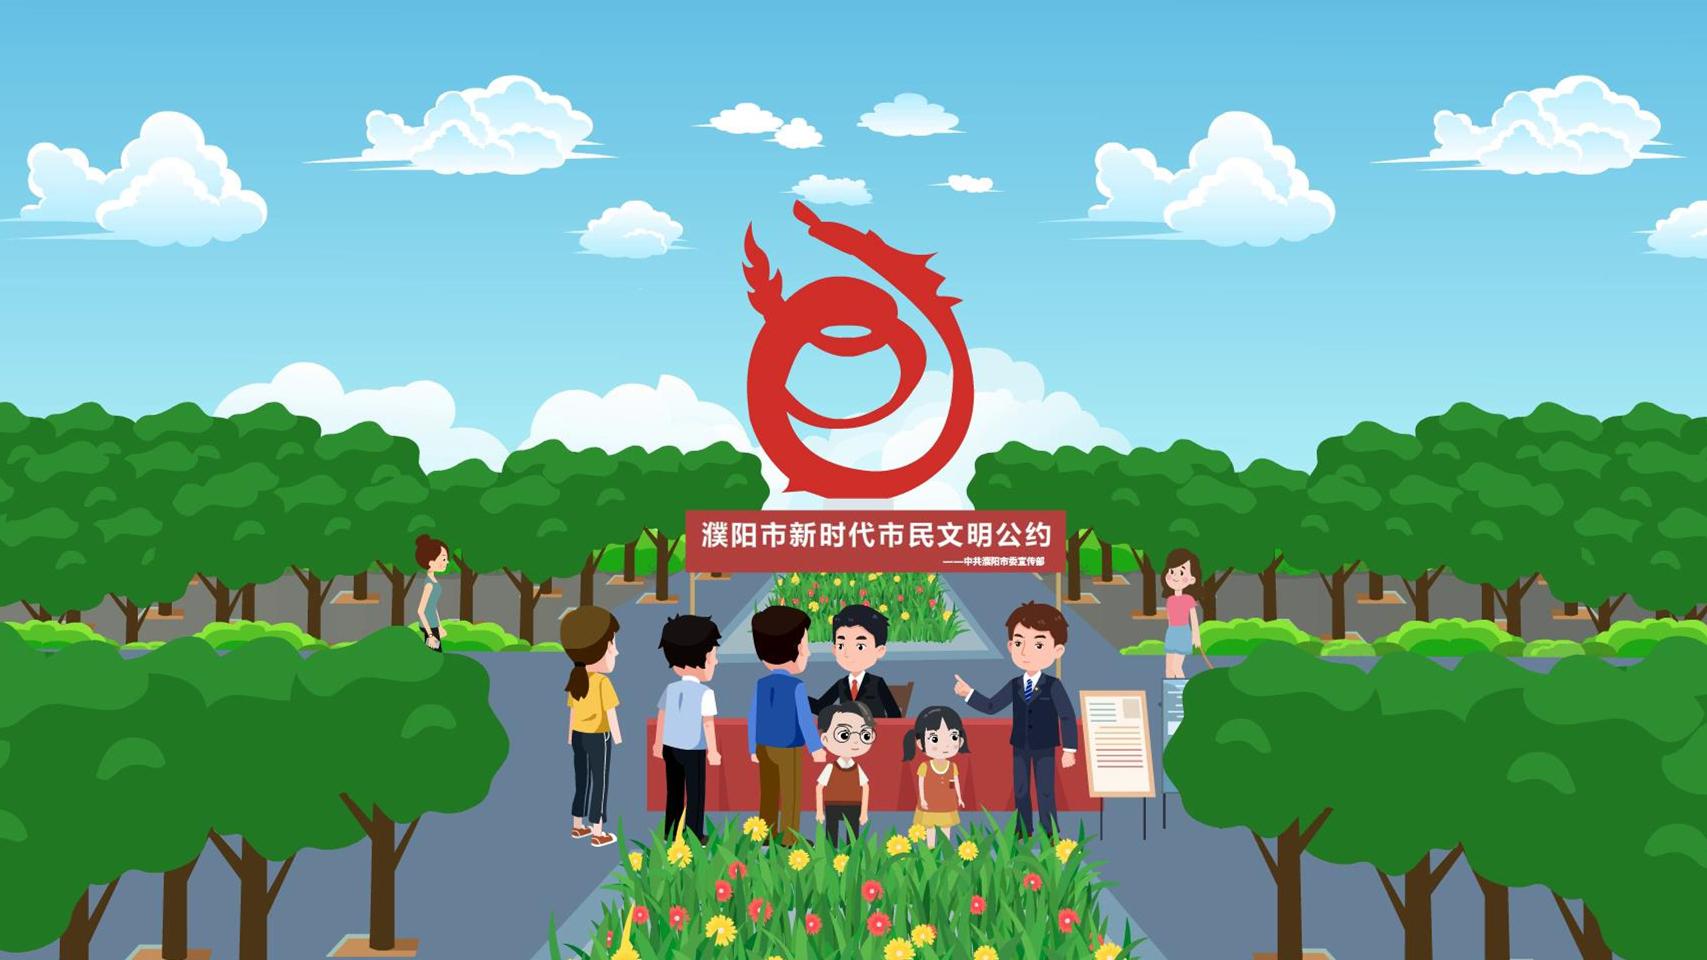 濮阳市新时代市民文明公约-0715(2)[封面图].jpg